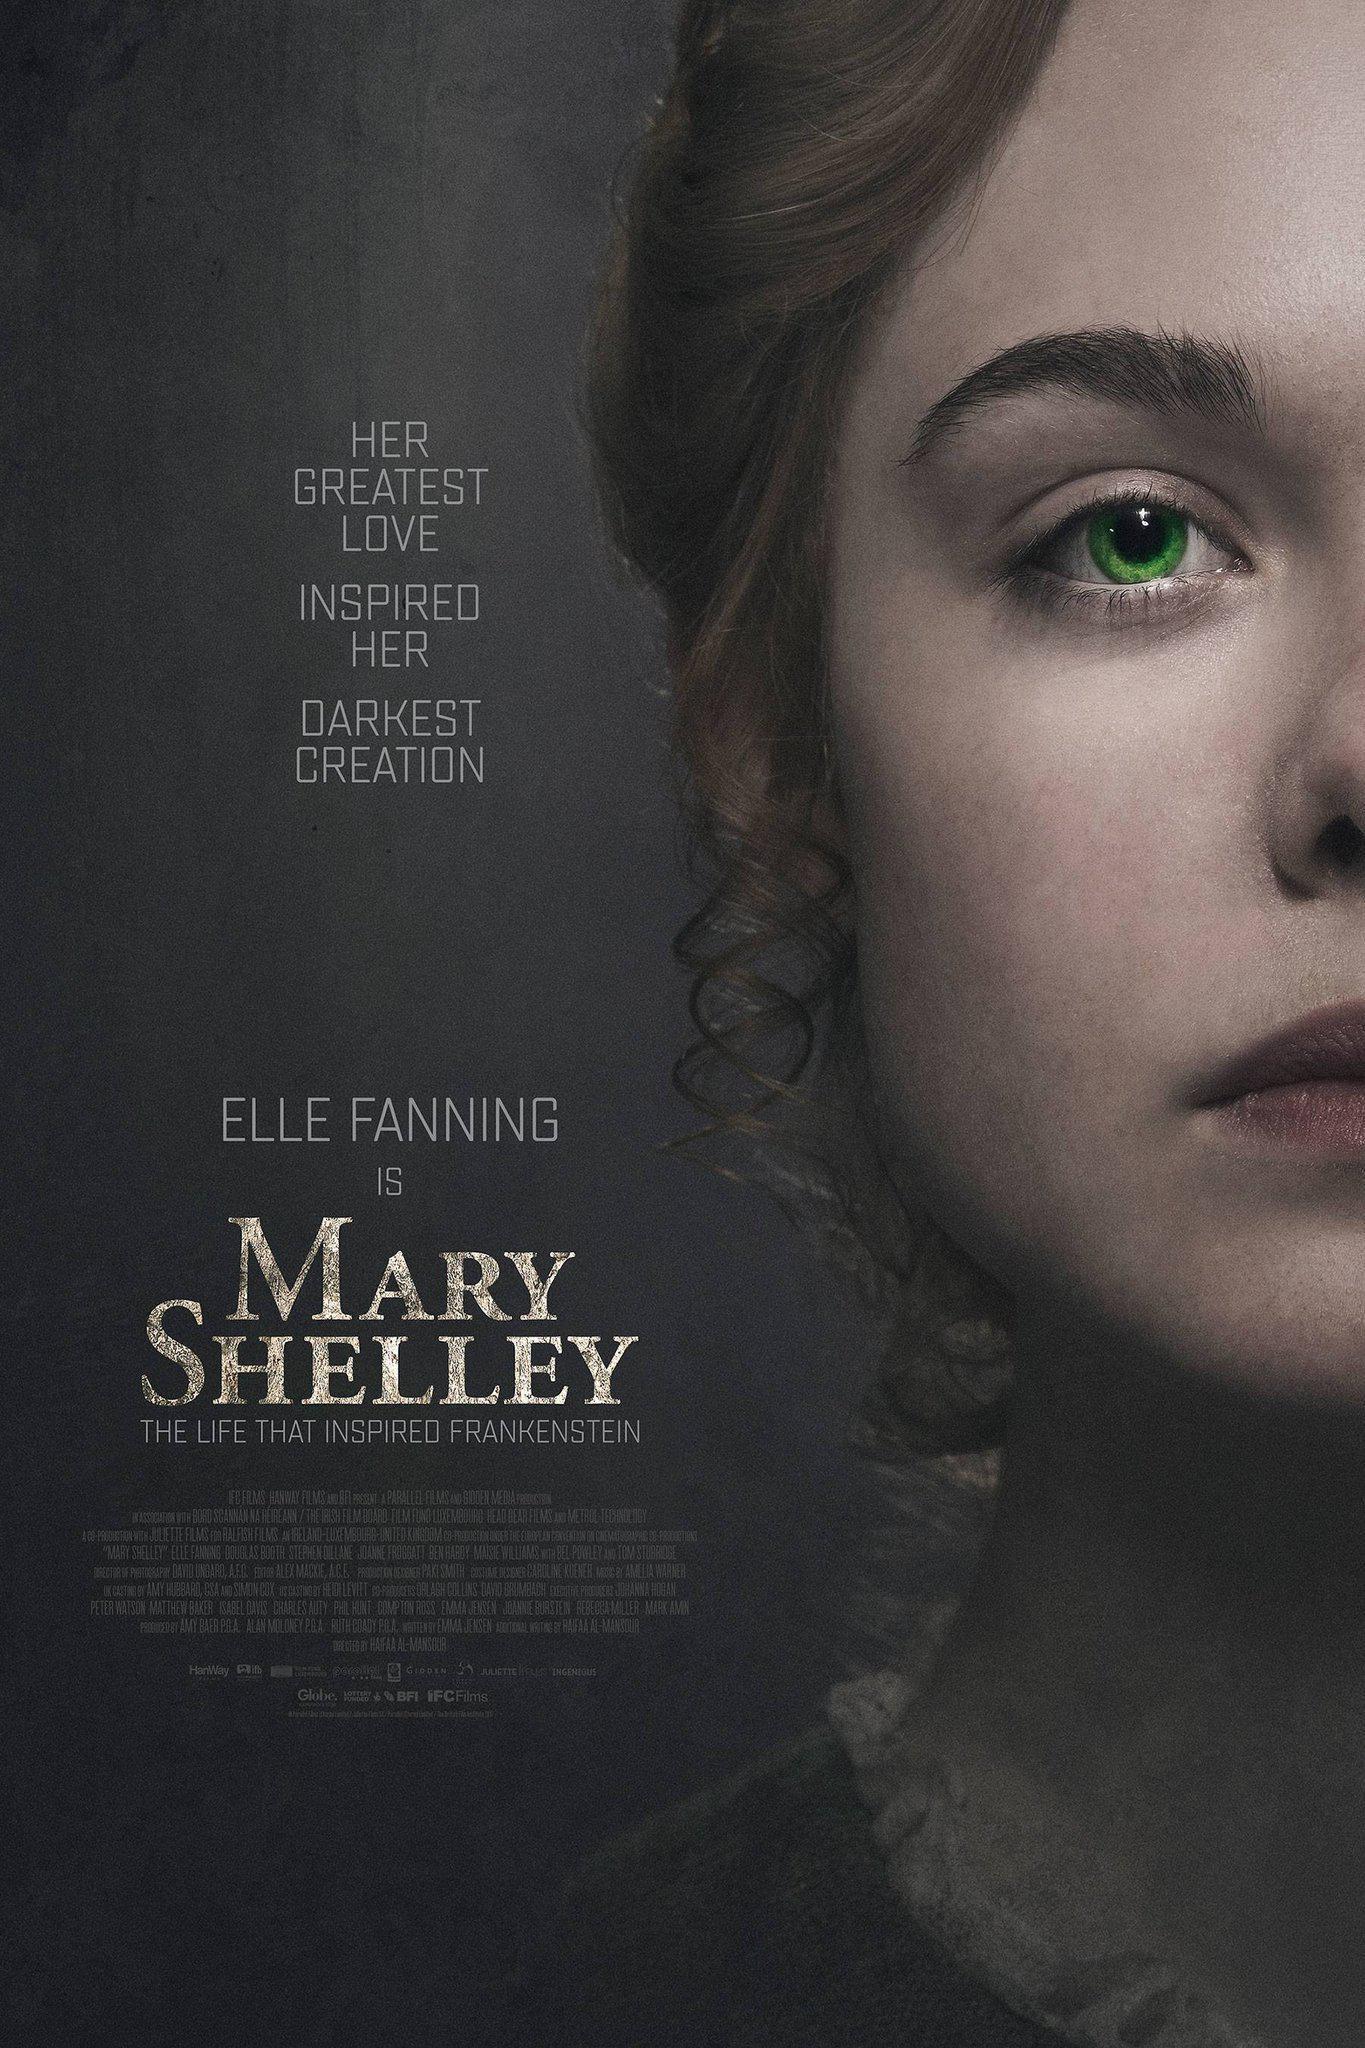 玛丽·雪莱